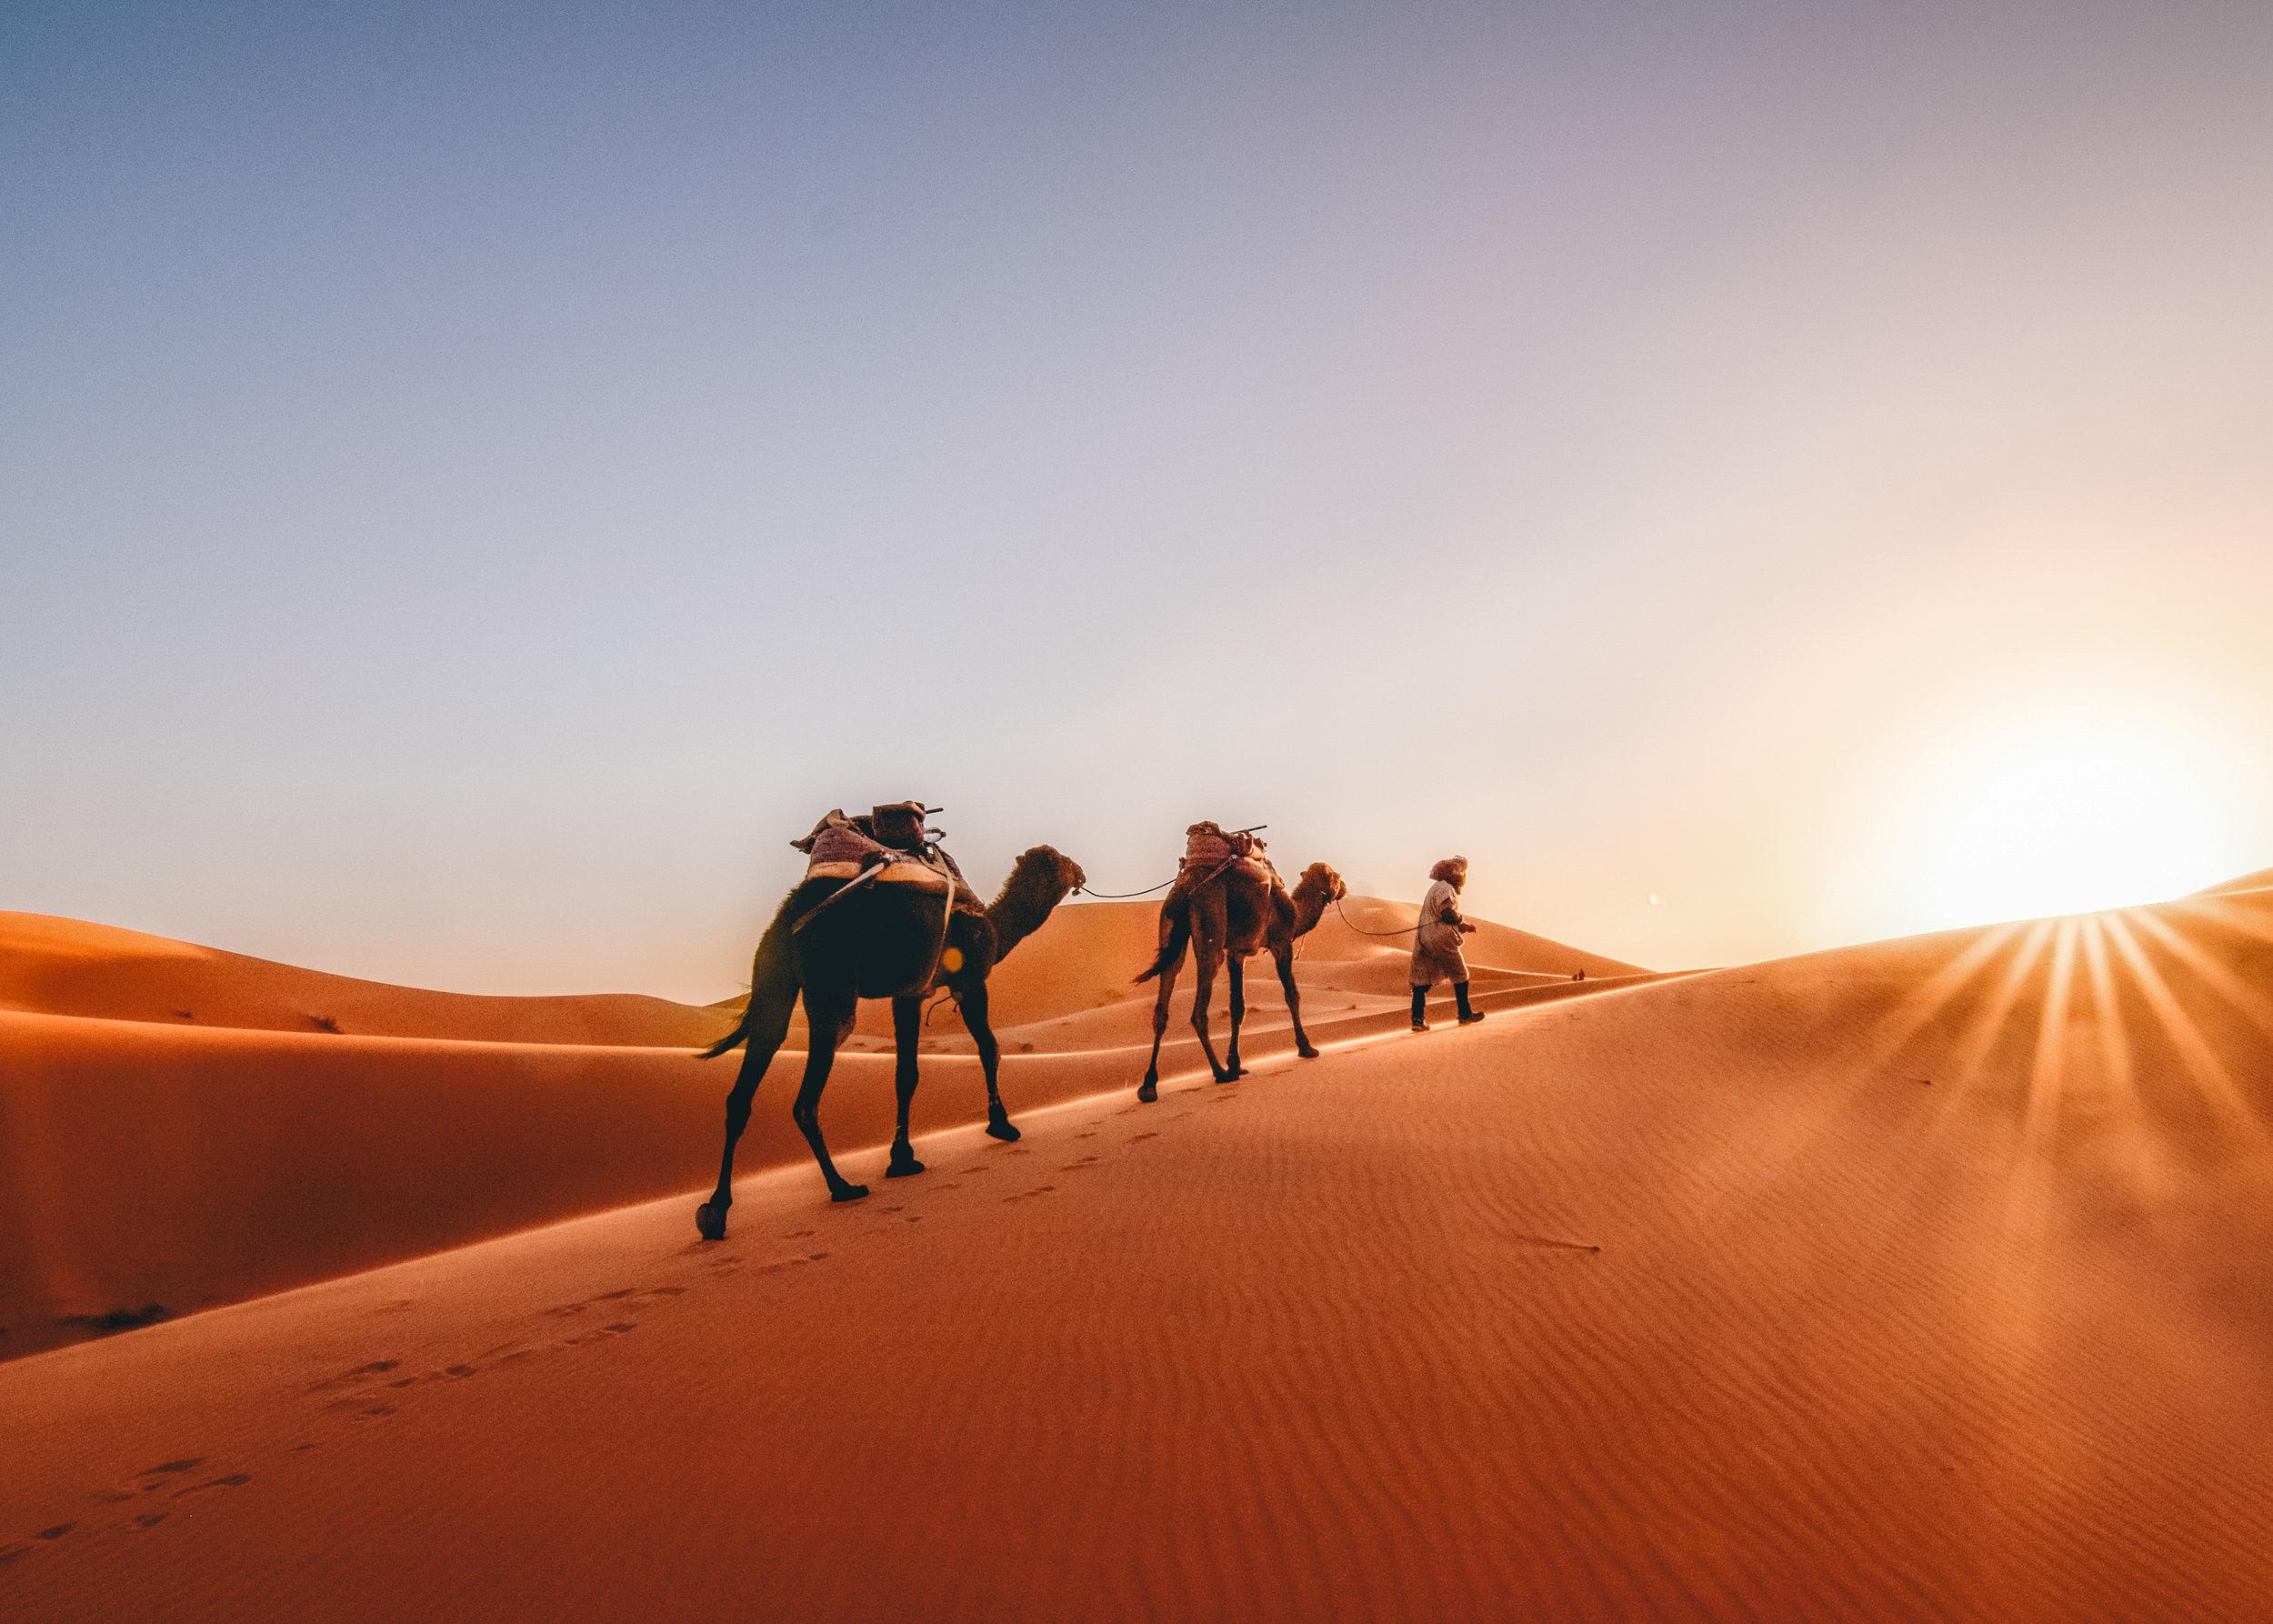 Sahara_caravan_intosun.jpg